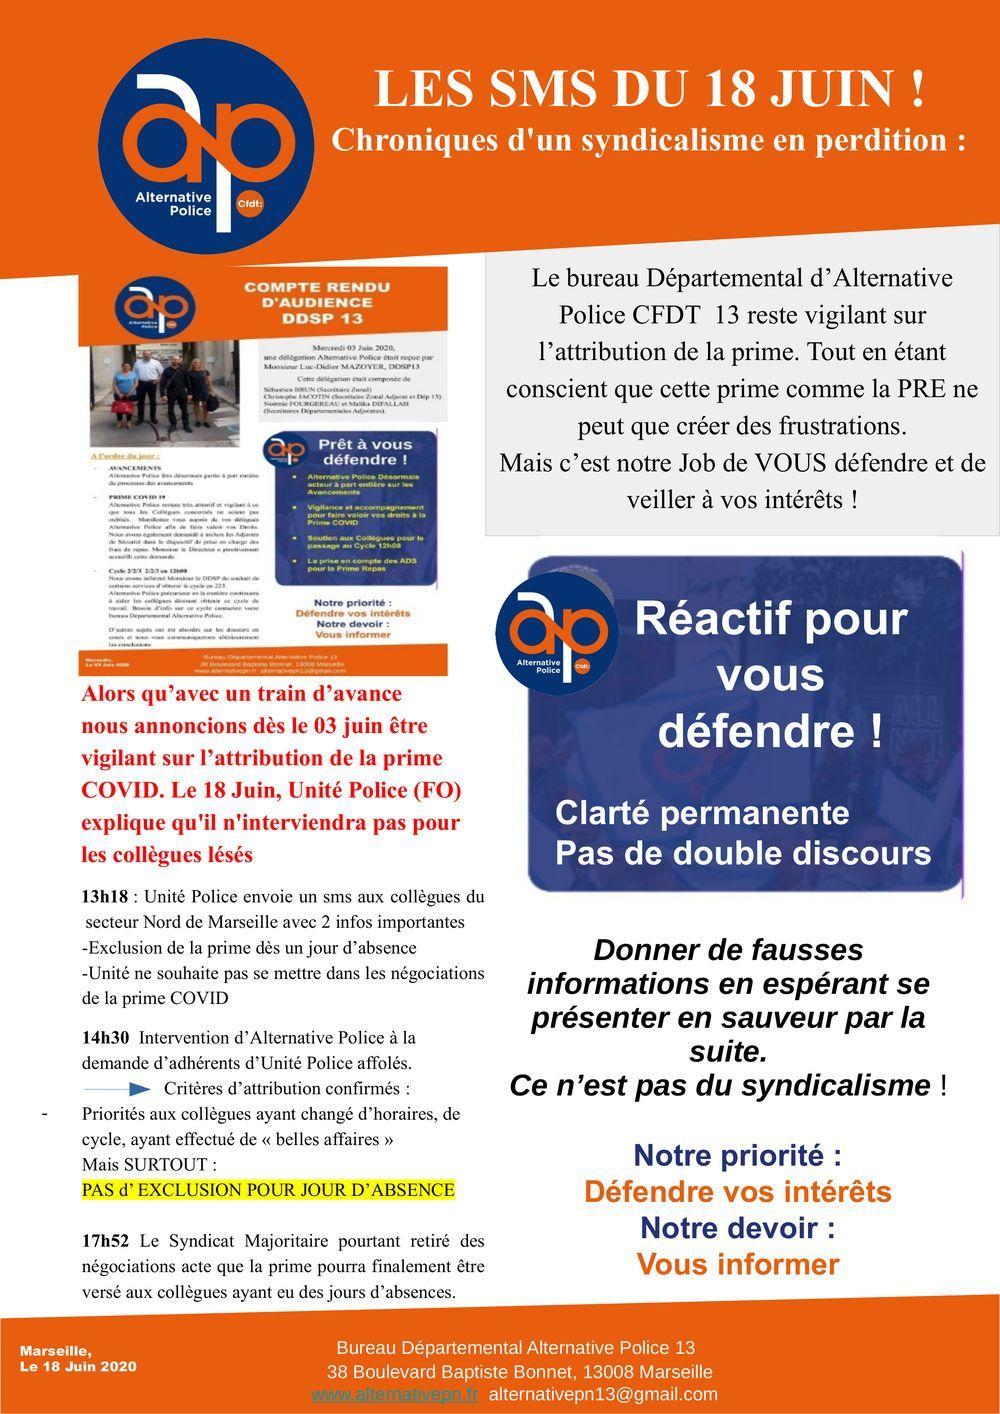 Les SMS du 18 juin : les chroniques d'un syndicalisme en perdition !